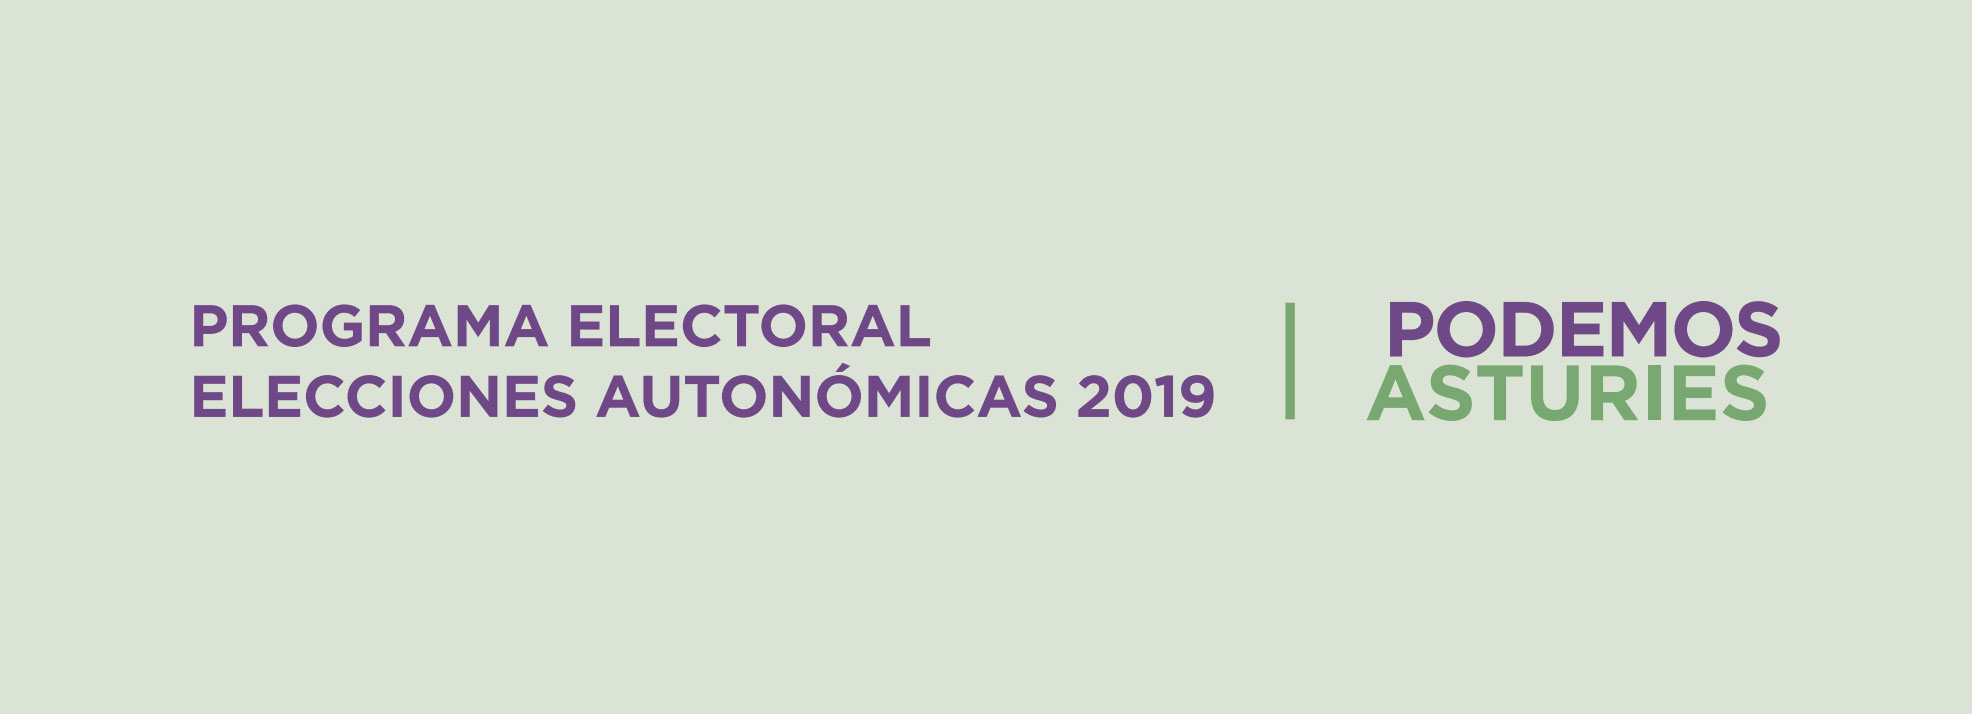 Programa electoral elecciones autonómicas 2019